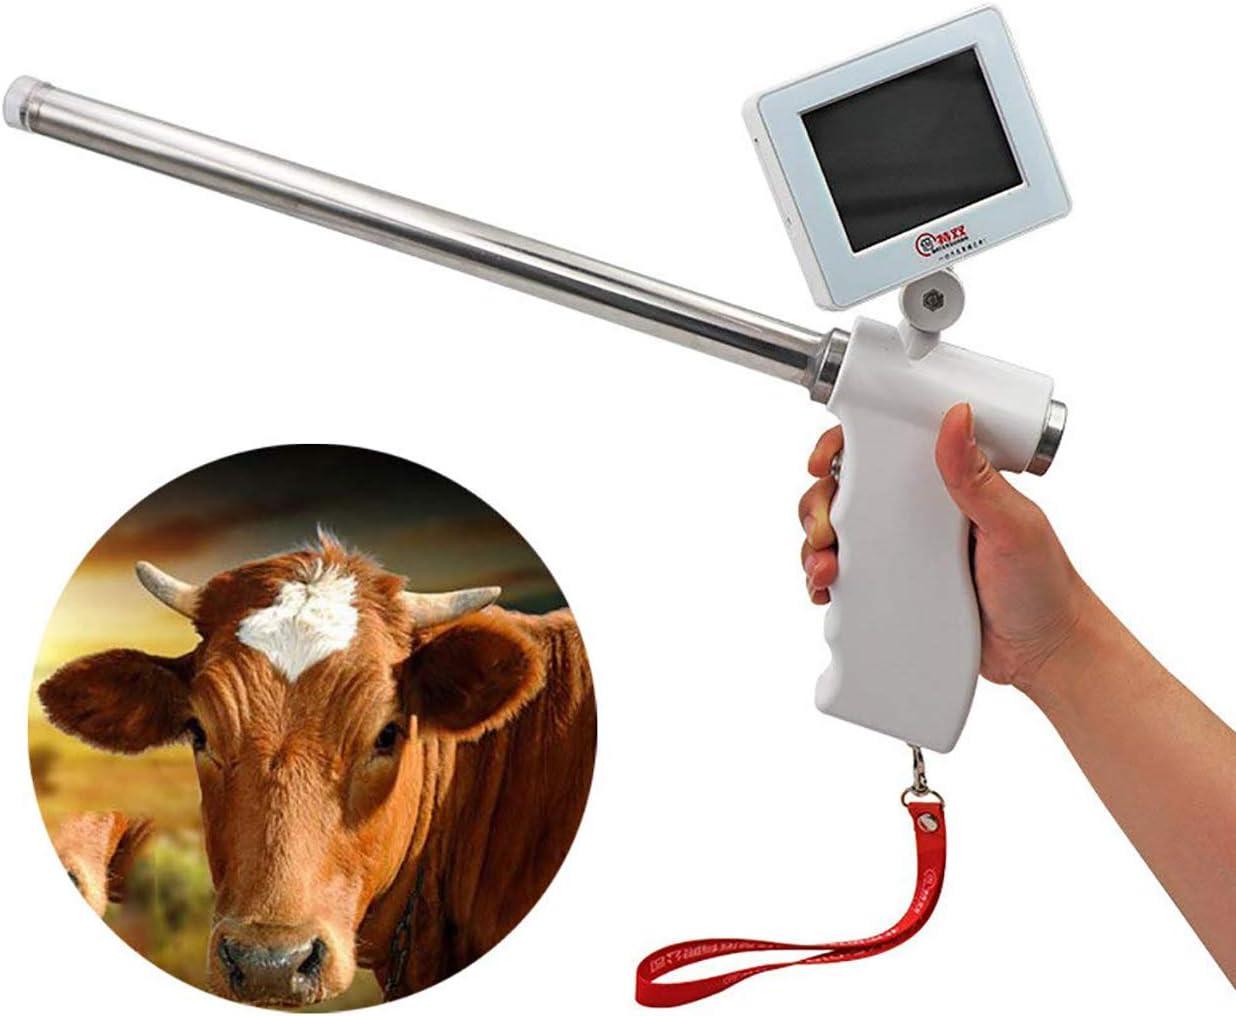 HSJSY Profesional Visual InseminacióN Pistola con 4,3 Pulgadas De Monitor Instrumento Veterinario Transcervical De InseminacióN, Aperos De Labranza Cerdo, Vaca, Caballo, Ciervo